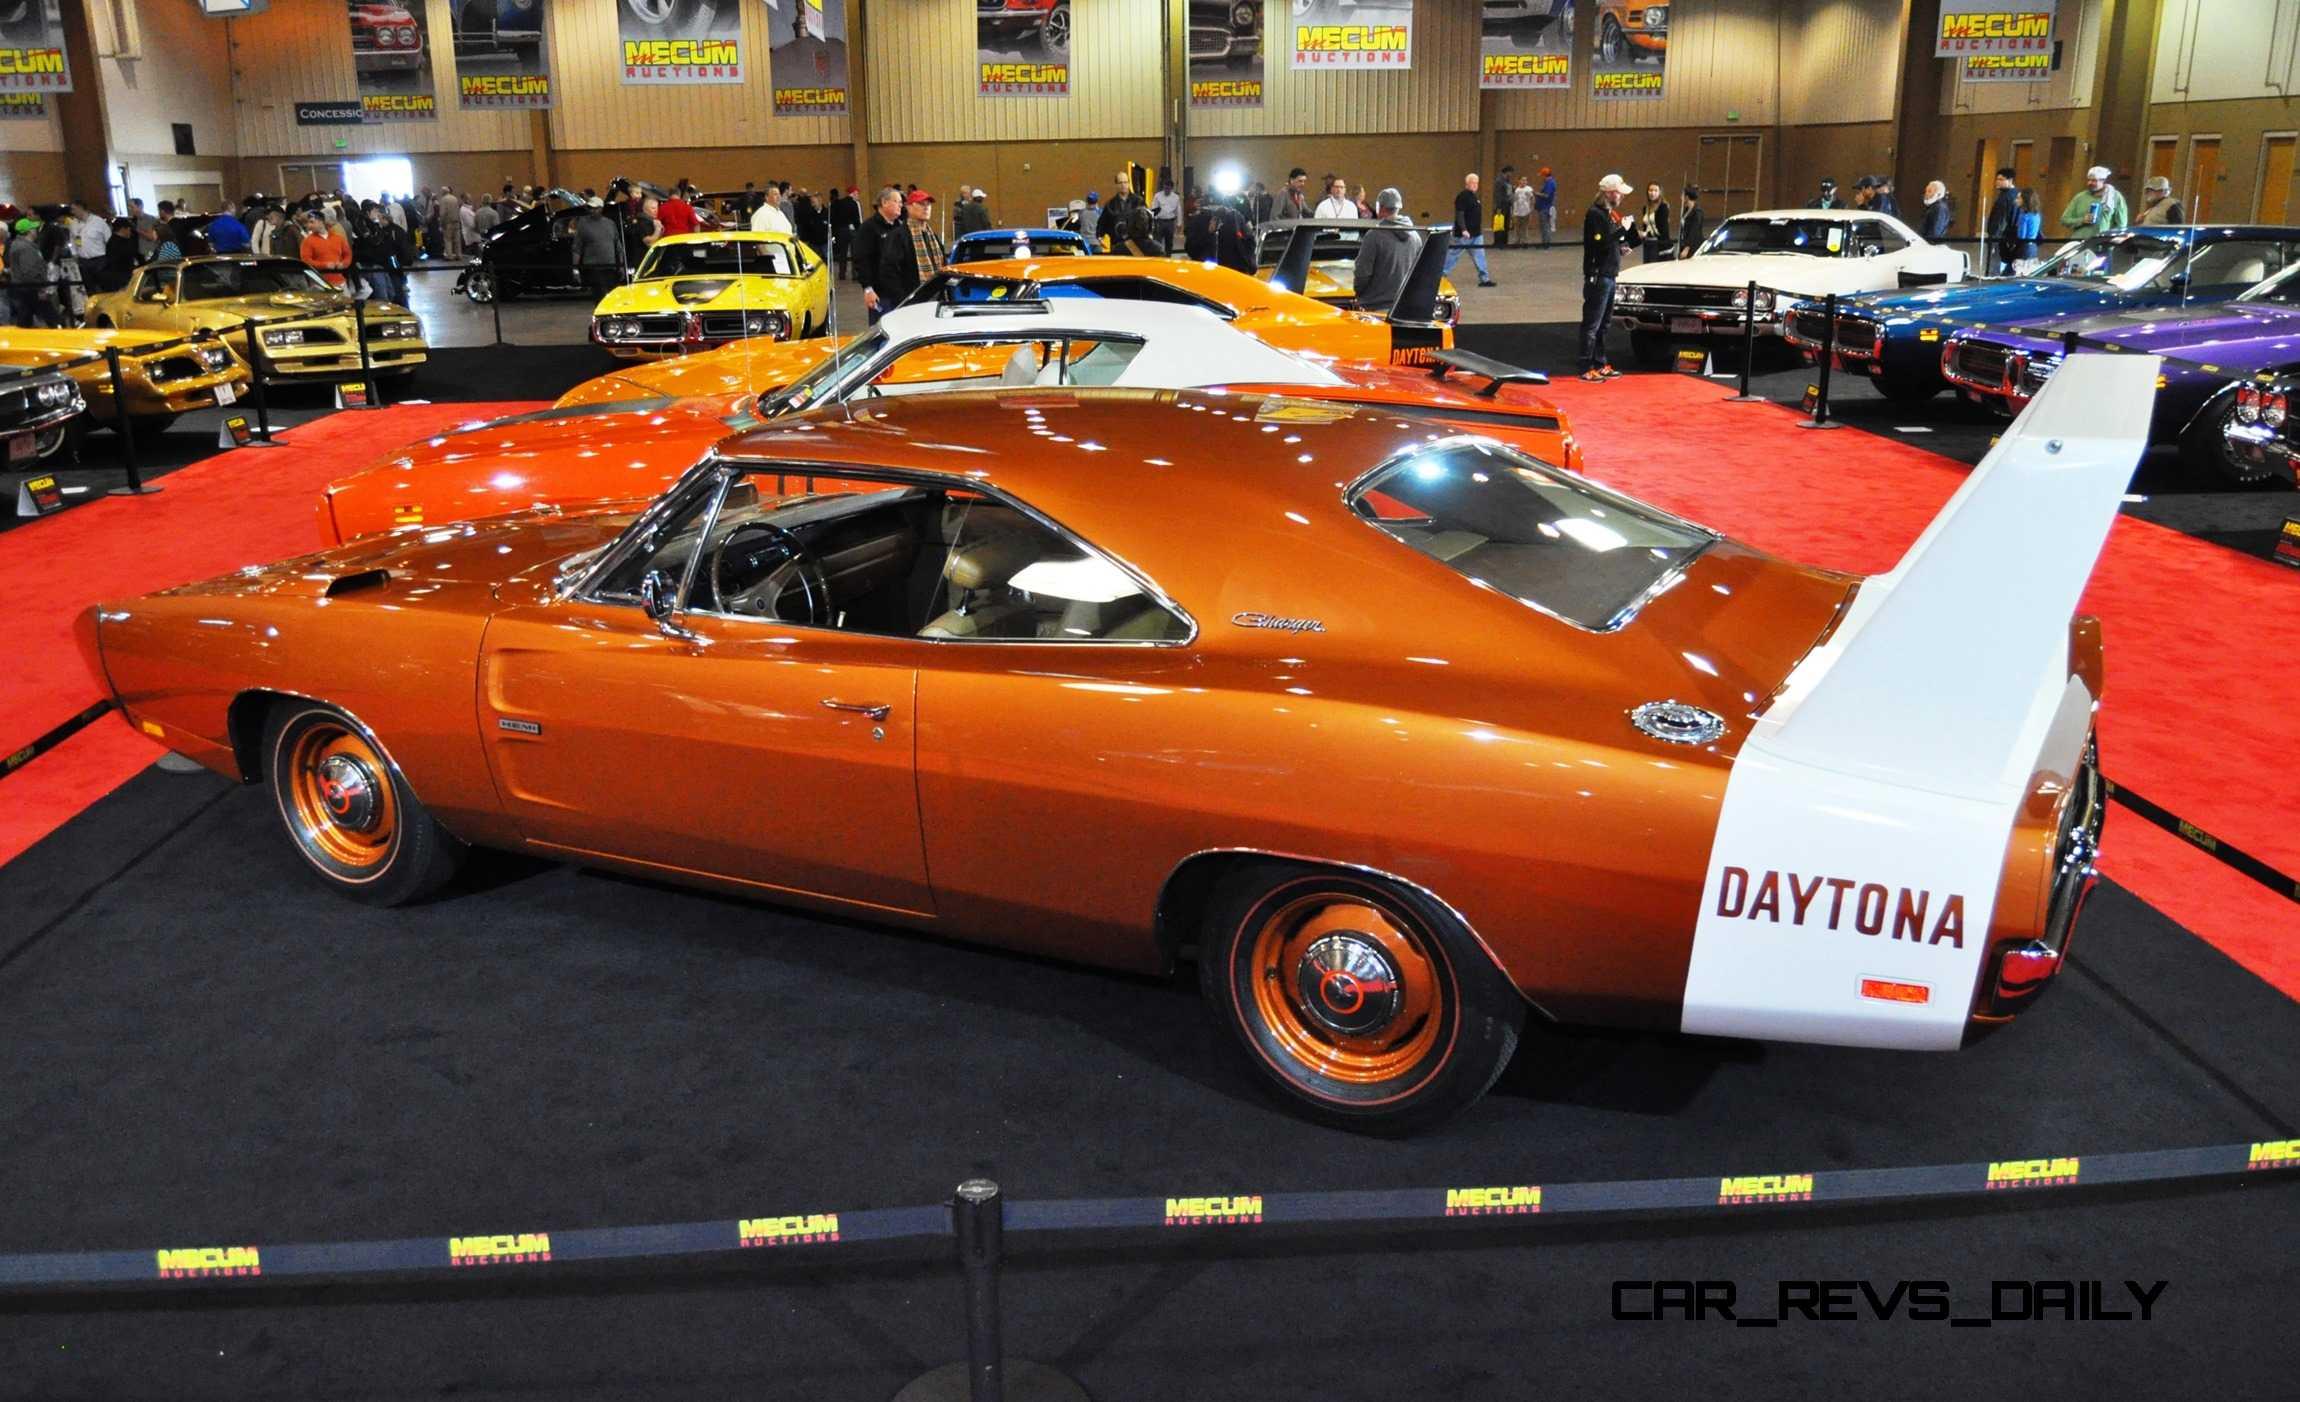 Dodge Charger Daytona I 1969 - 1970 Coupe #3